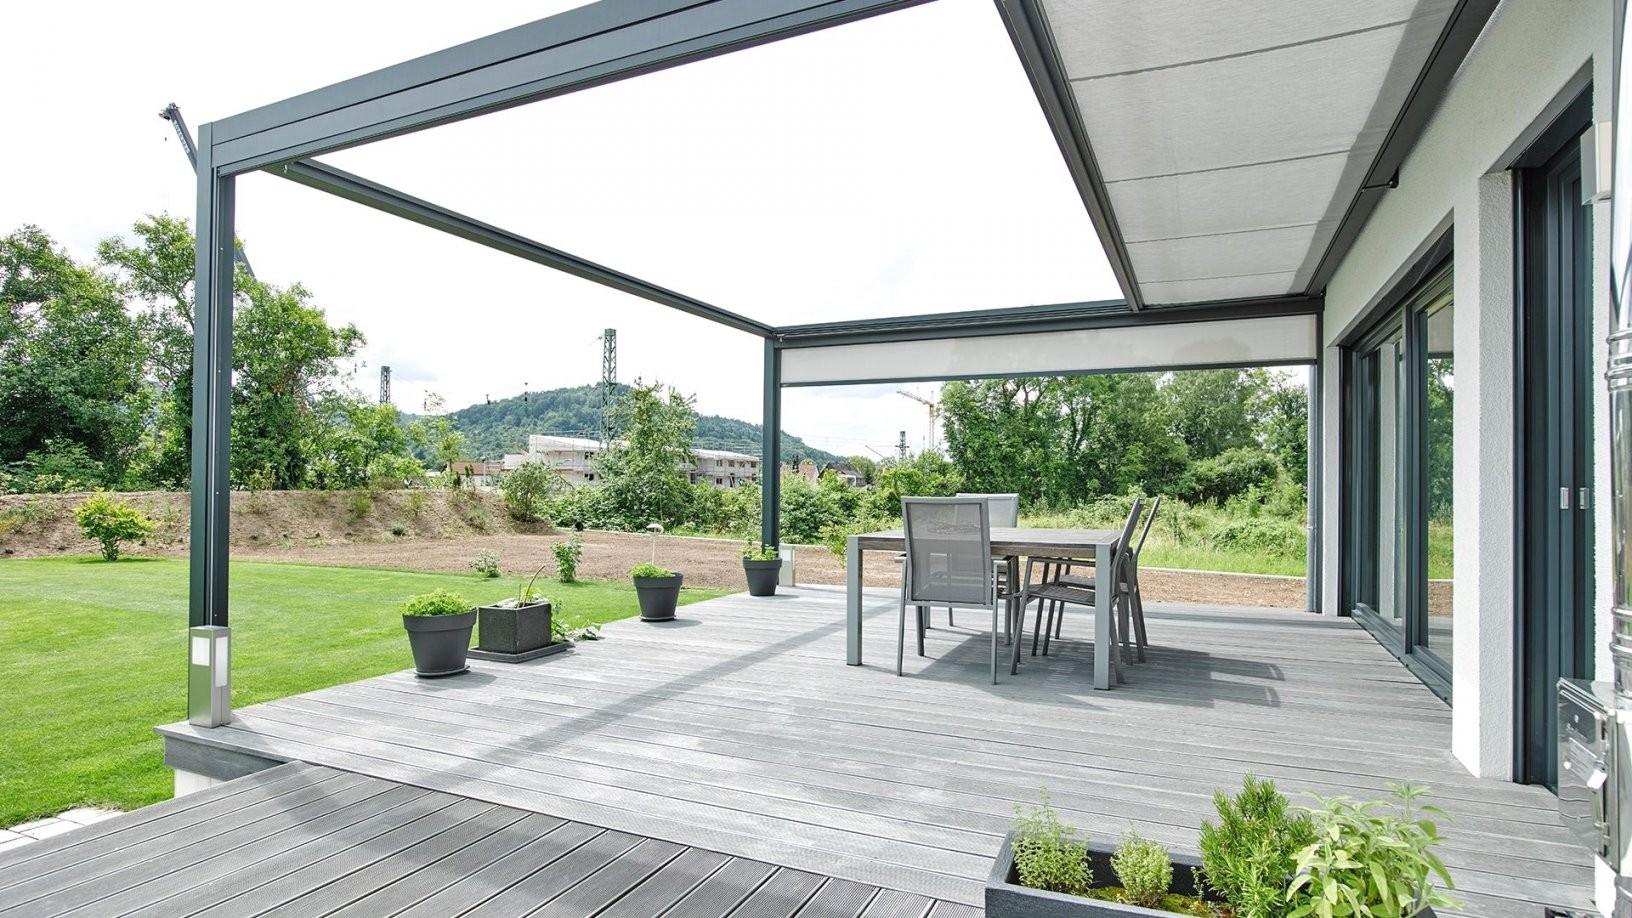 Spektakuläre Inspiration Regenschutz Terrasse Und Wunderbare Markise von Regenschutz Terrasse Selber Bauen Photo